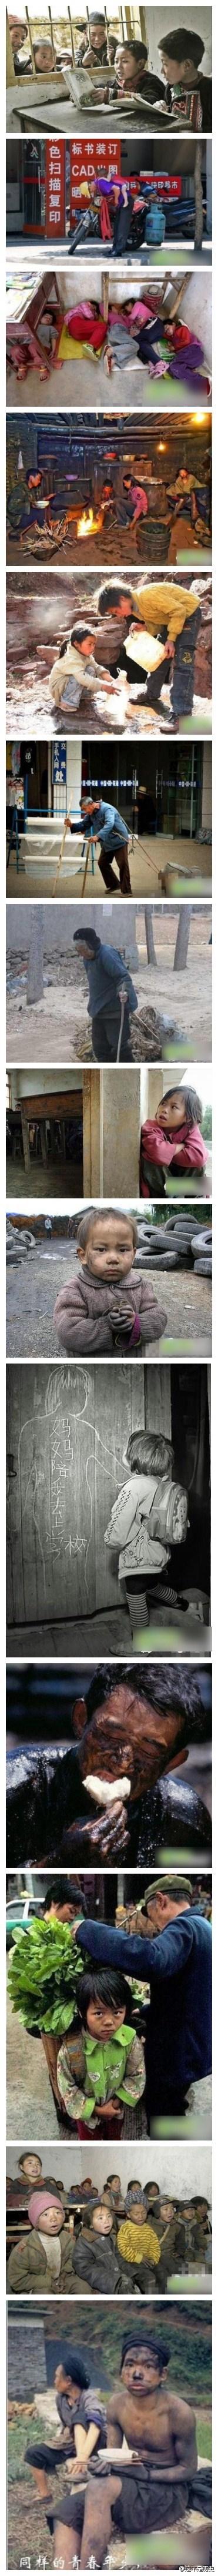 另一个中国